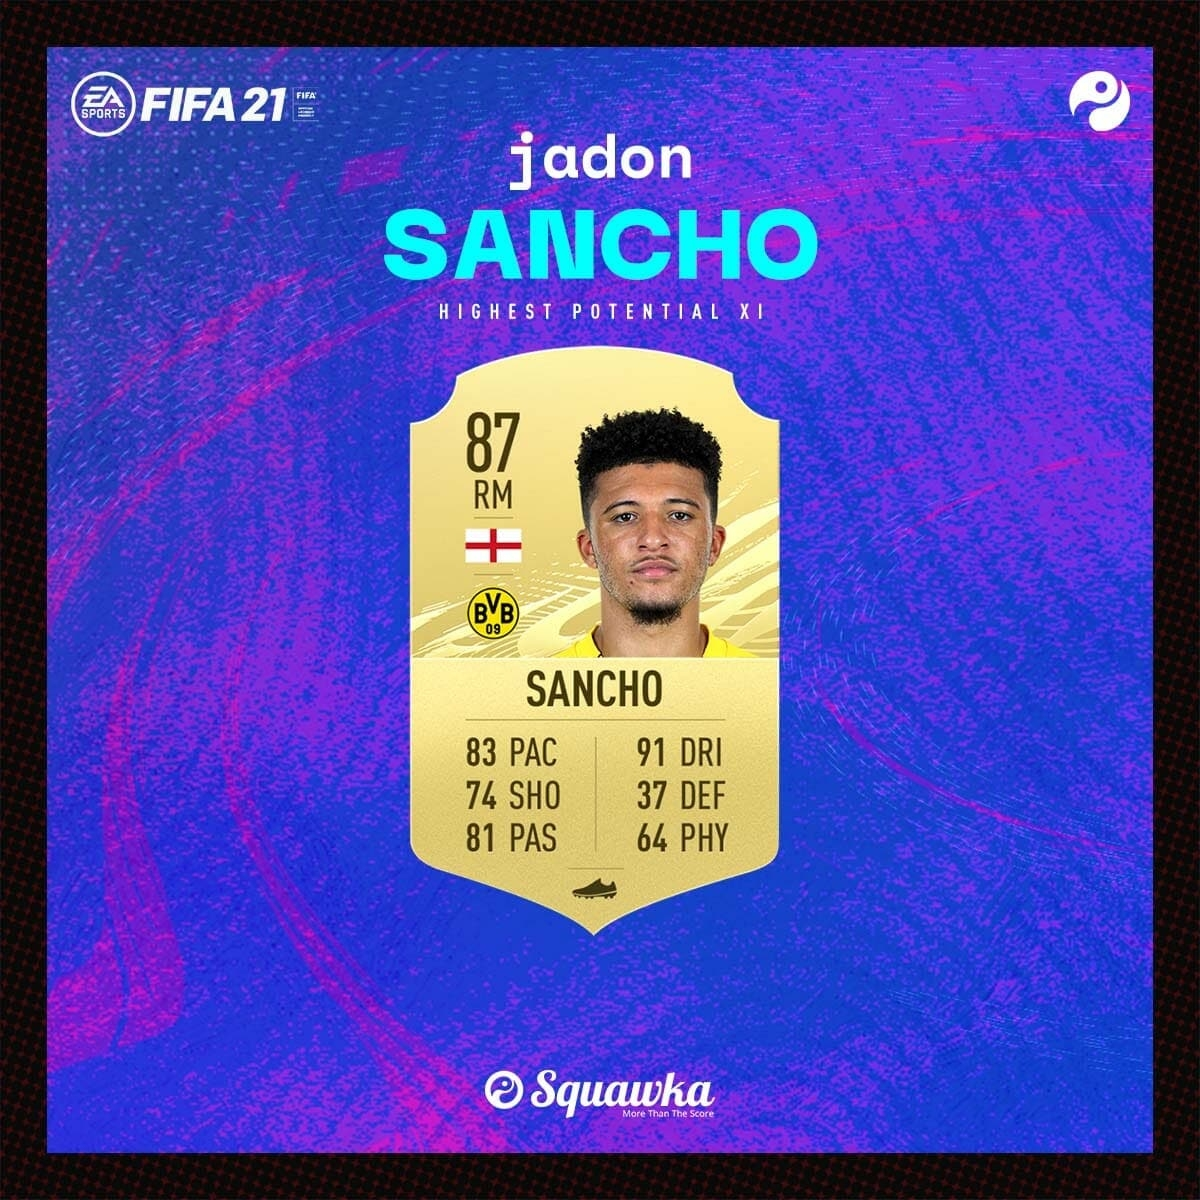 Tiền vệ phải: Jadon Sancho - Chỉ số ban đầu: 87 - Tiềm năng phát triển: 93